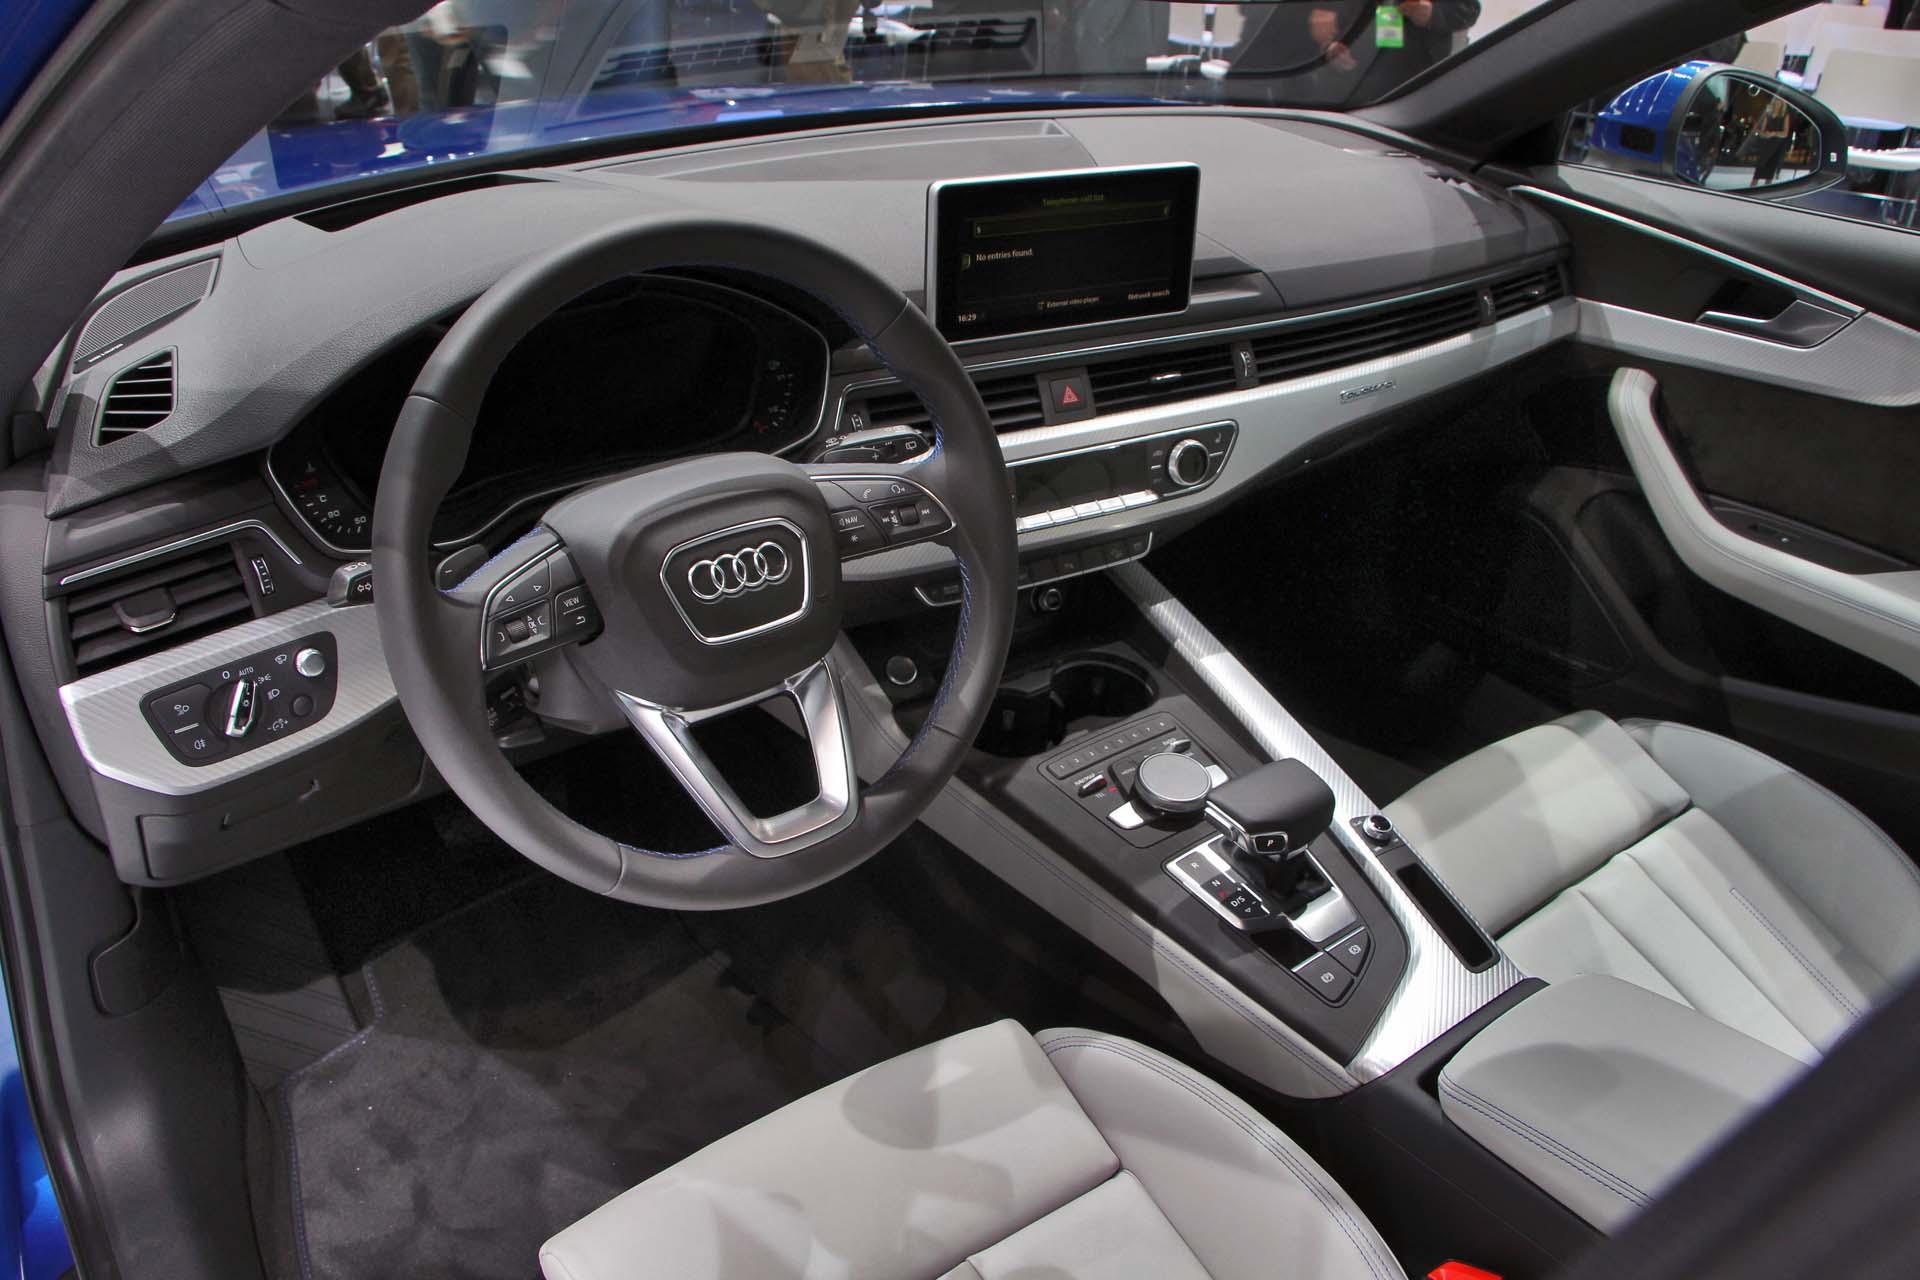 2017 Audi A4 Allroad Quattro Autos Ca